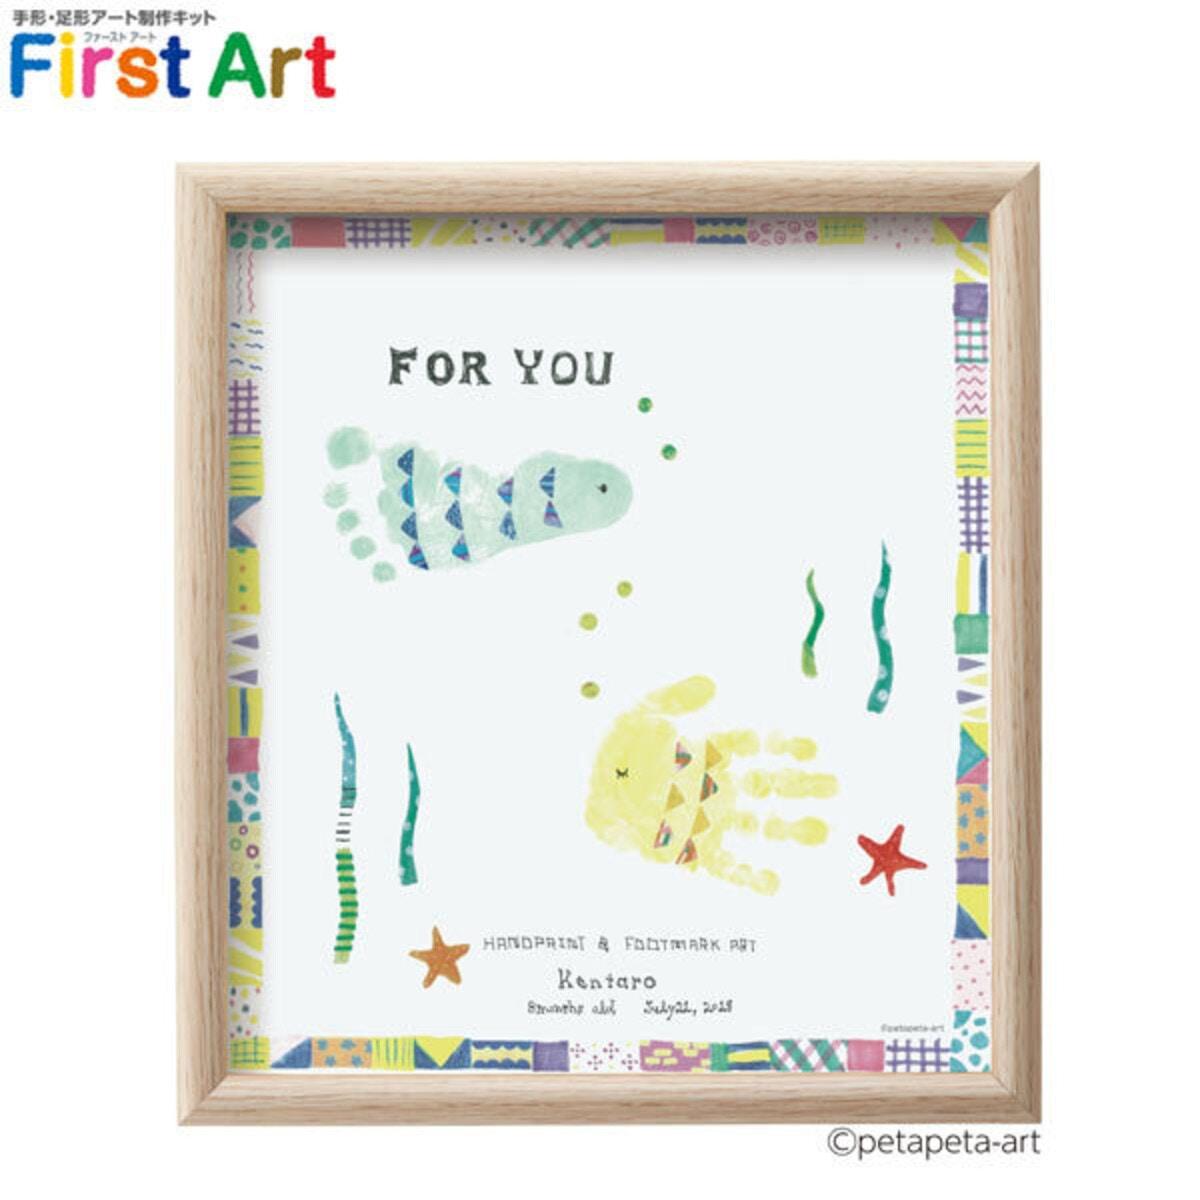 シヤチハタ 手形・足形アート制作キット ファースト アート 2ひきのサカナ